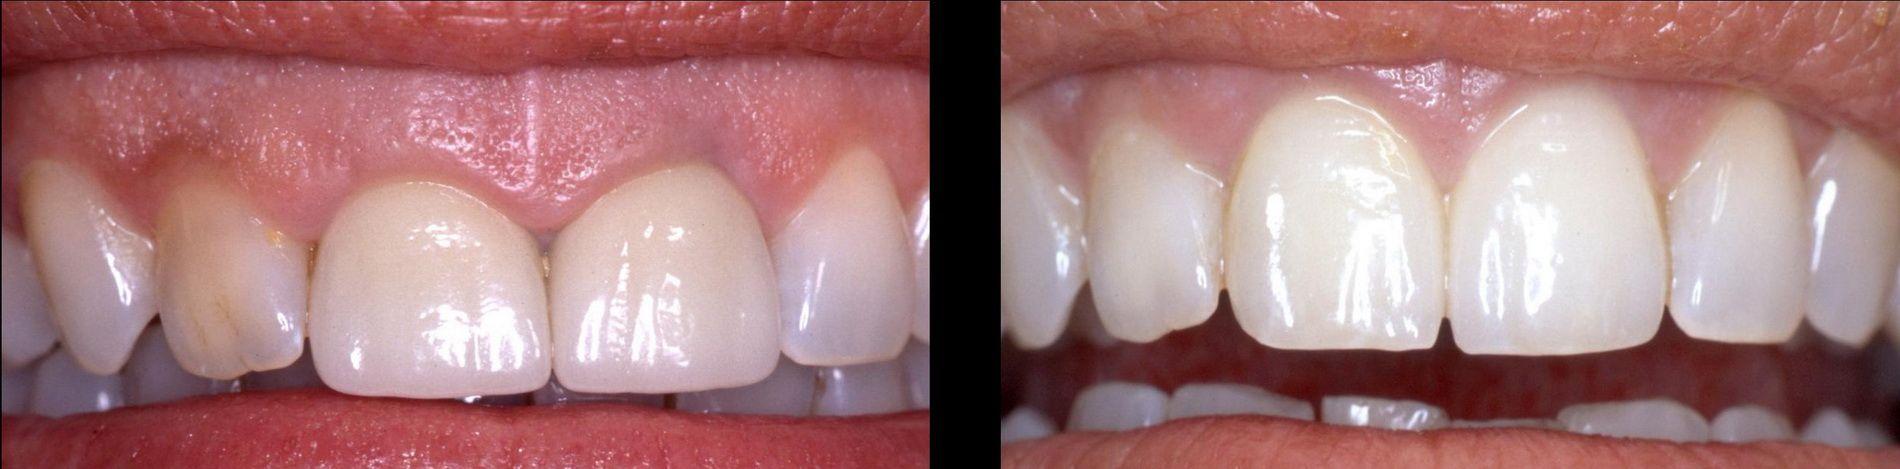 Tratamiento de estética de las encías, sonrisa gingival o exceso de encía. Clínica dental Padrós, dentista en Barcelona